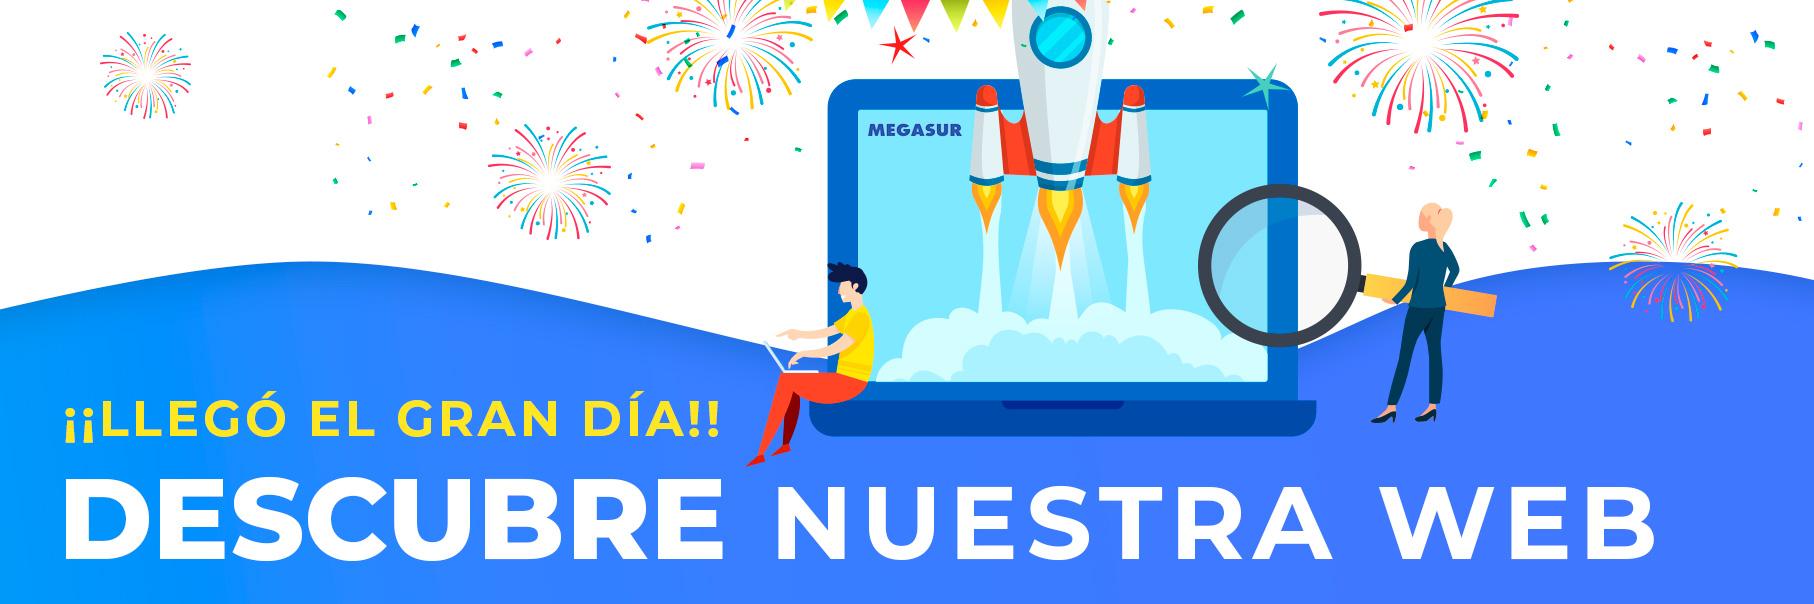 nueva web de megasur